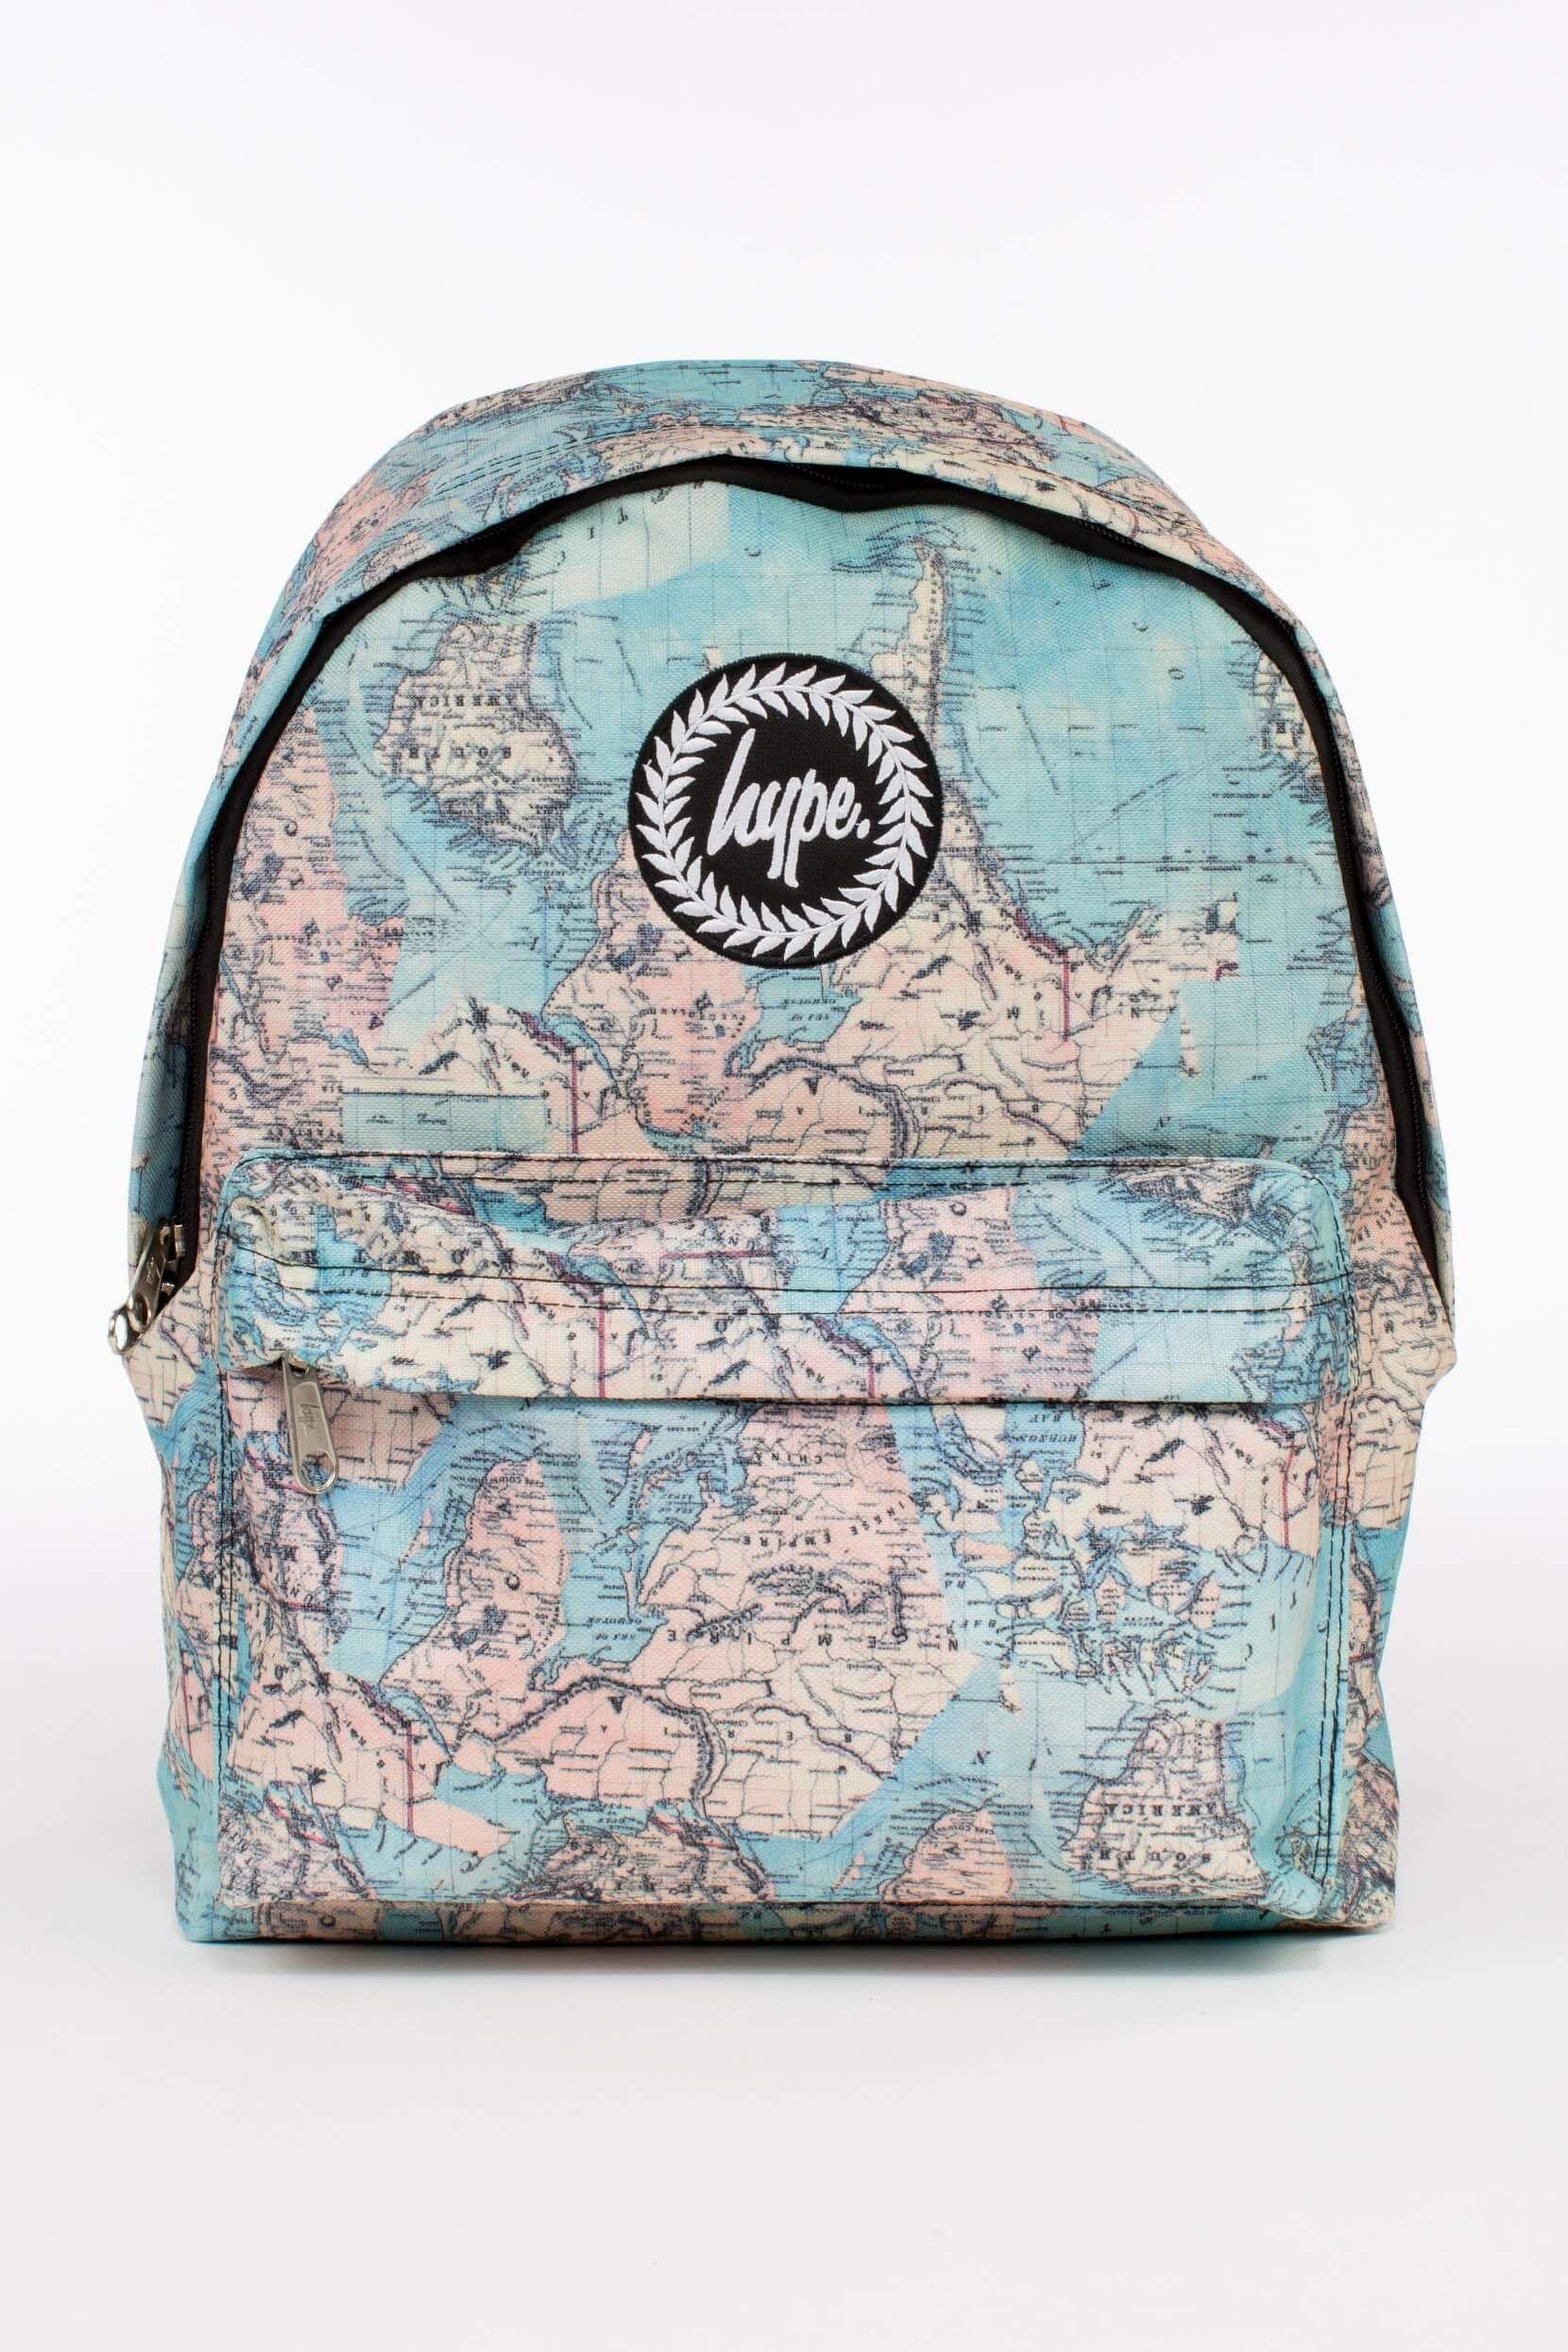 e2e5e5ff4b0 Hype. Maps Backpack   Fitness   Backpacks, Bags, Backpack bags